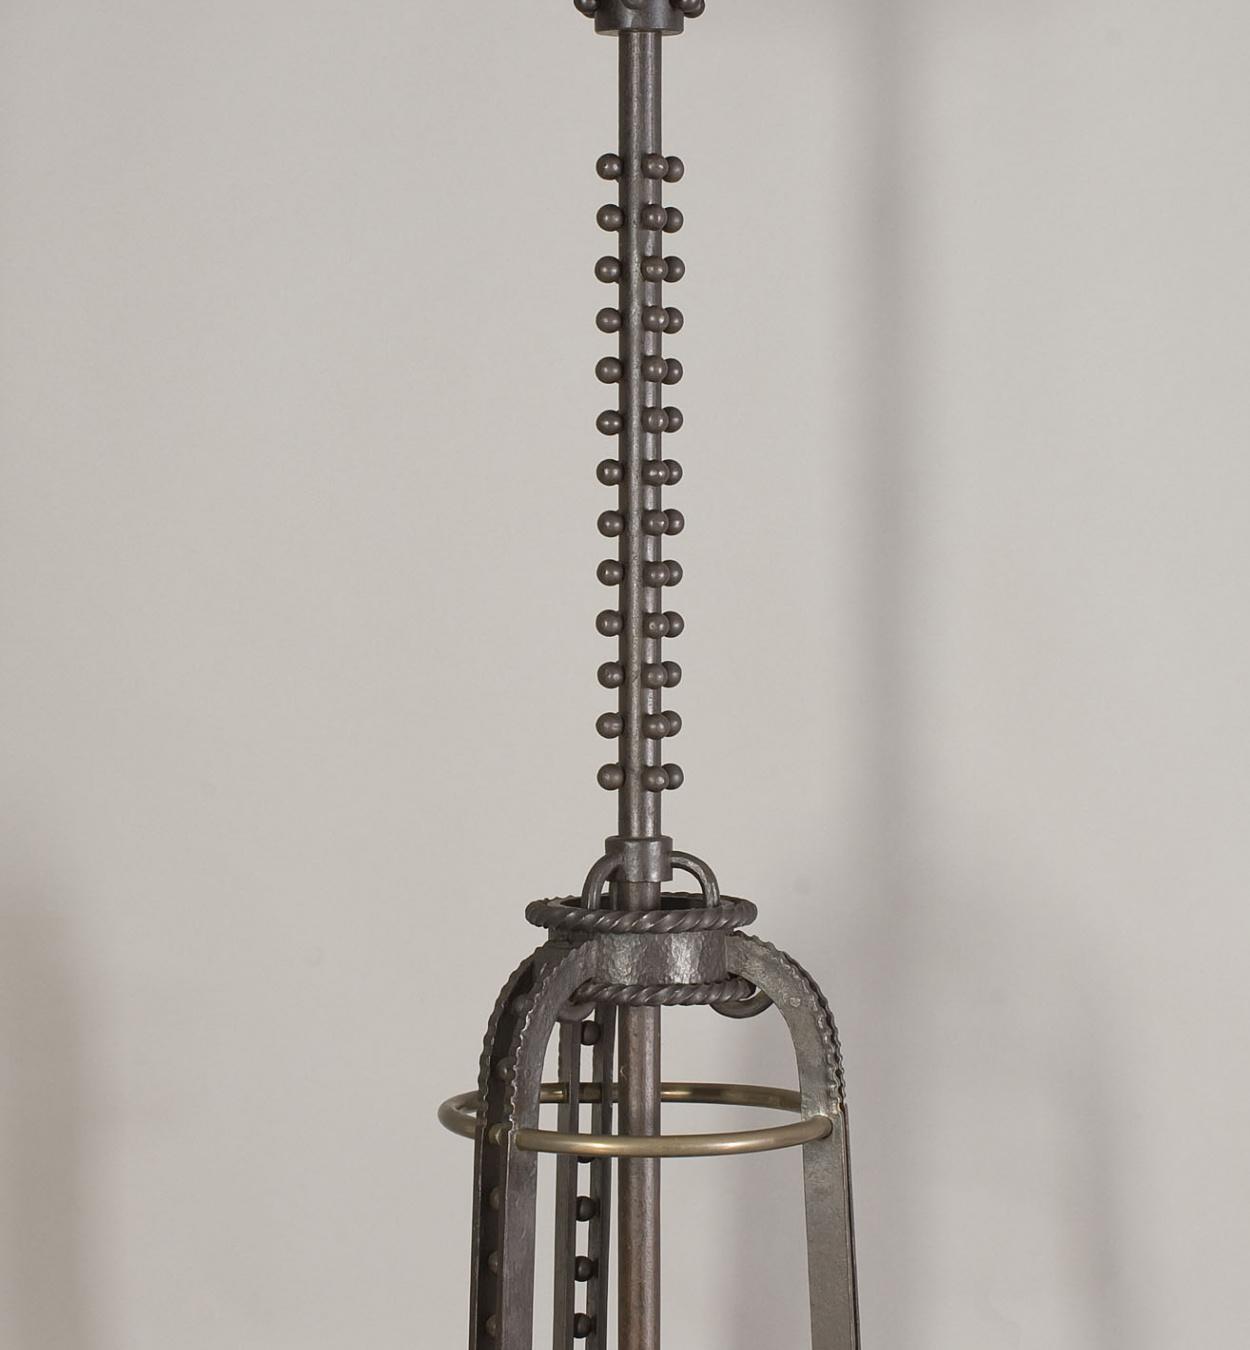 Rafael Masó - Coat rack-umbrella stand - Between 1910-1911